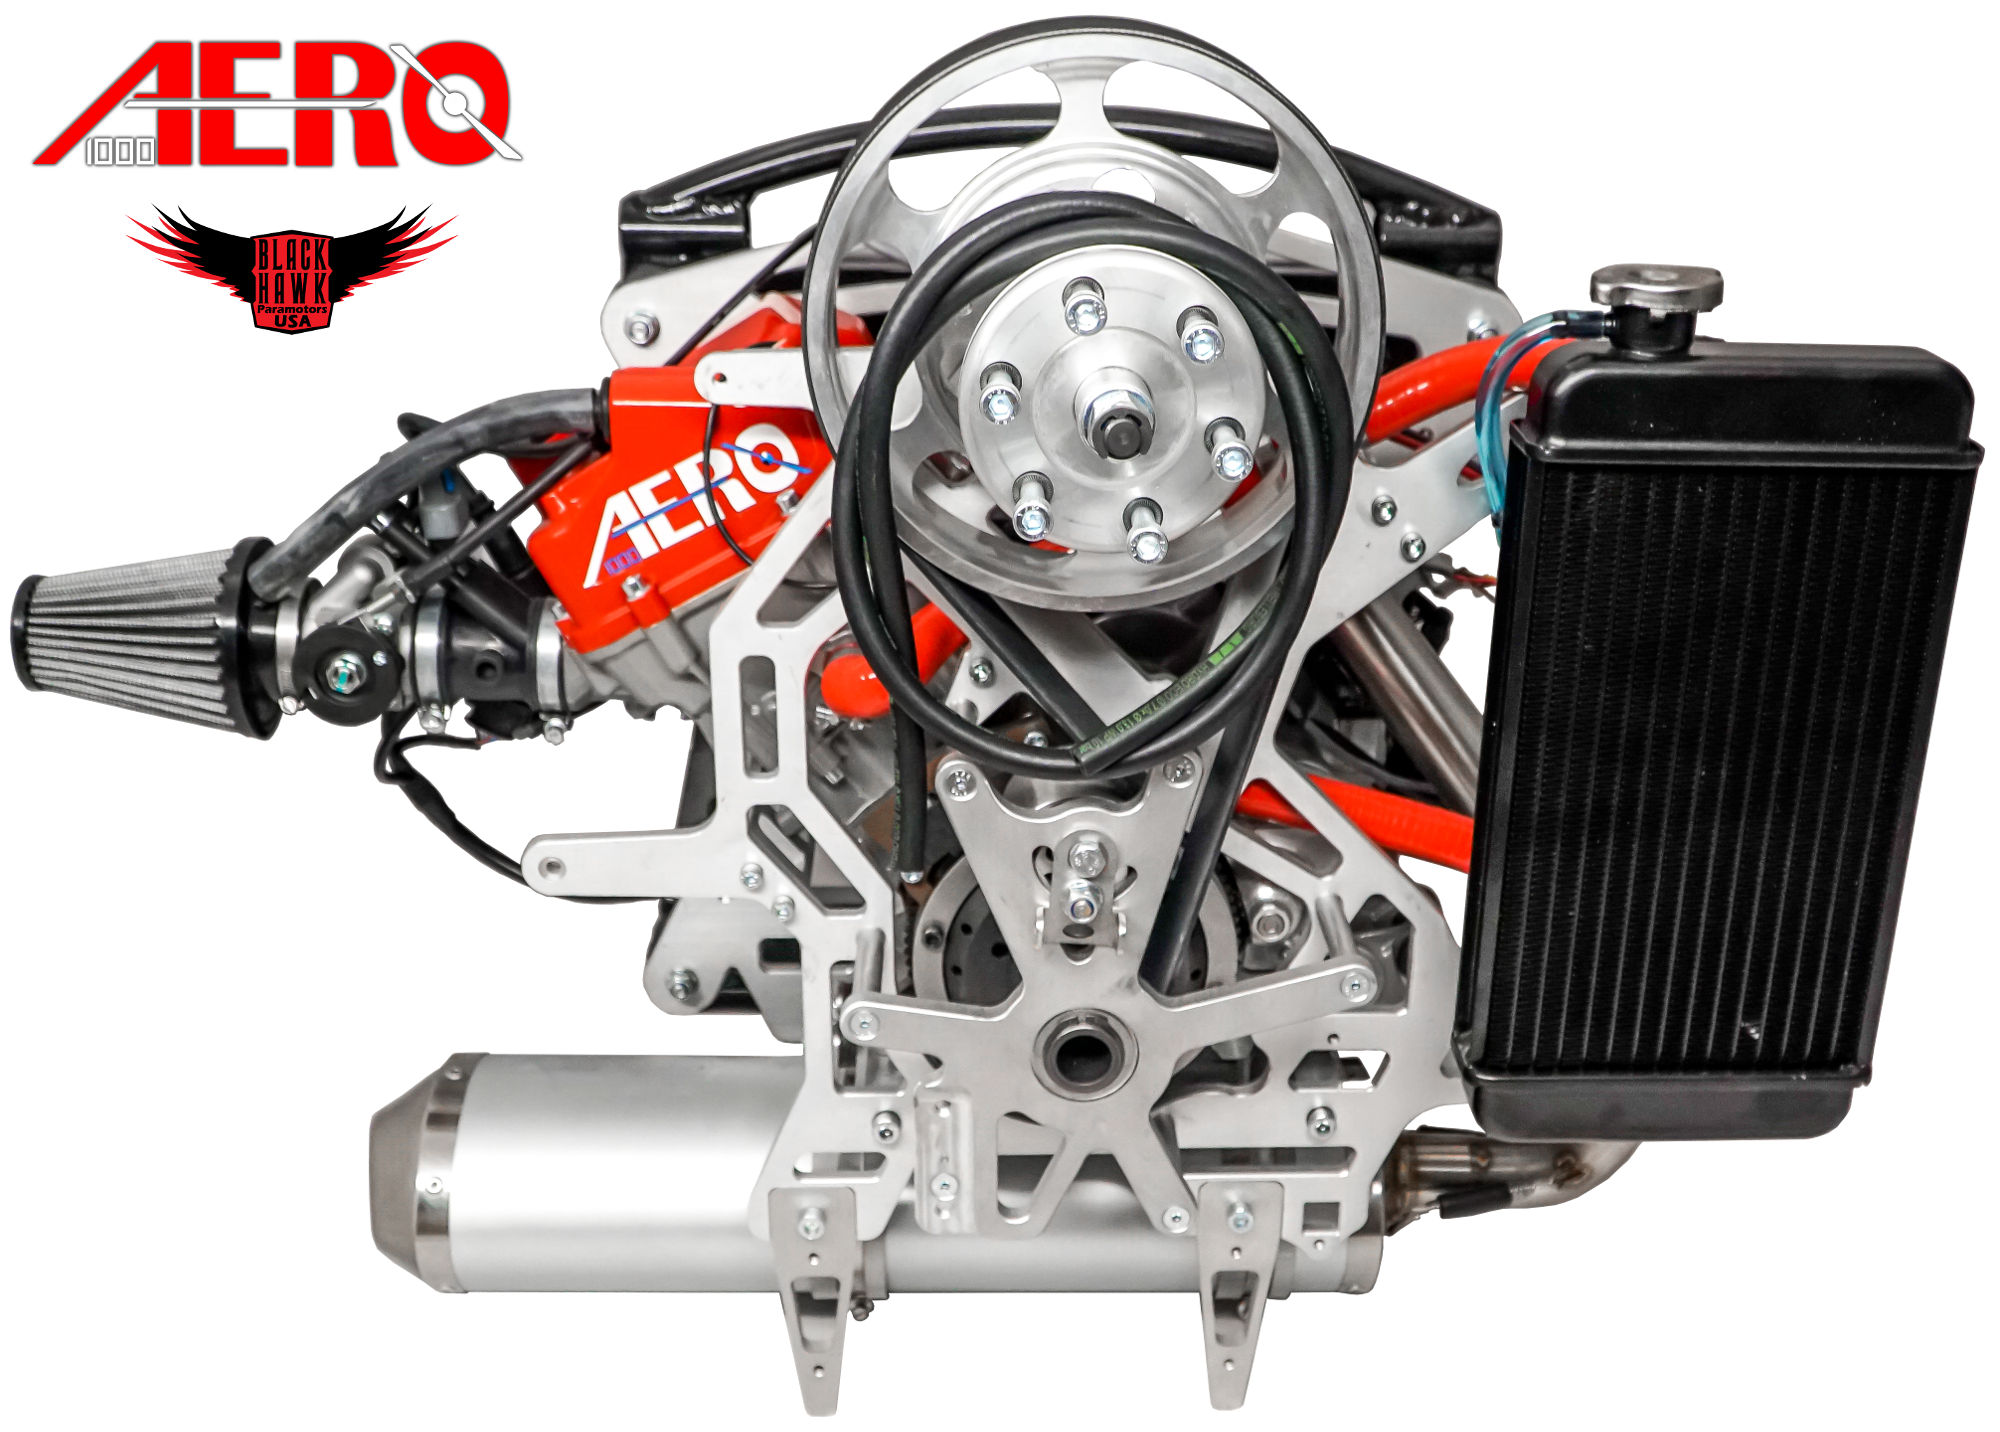 BlackHawk Aero 1000 4-Stroke Package Deal